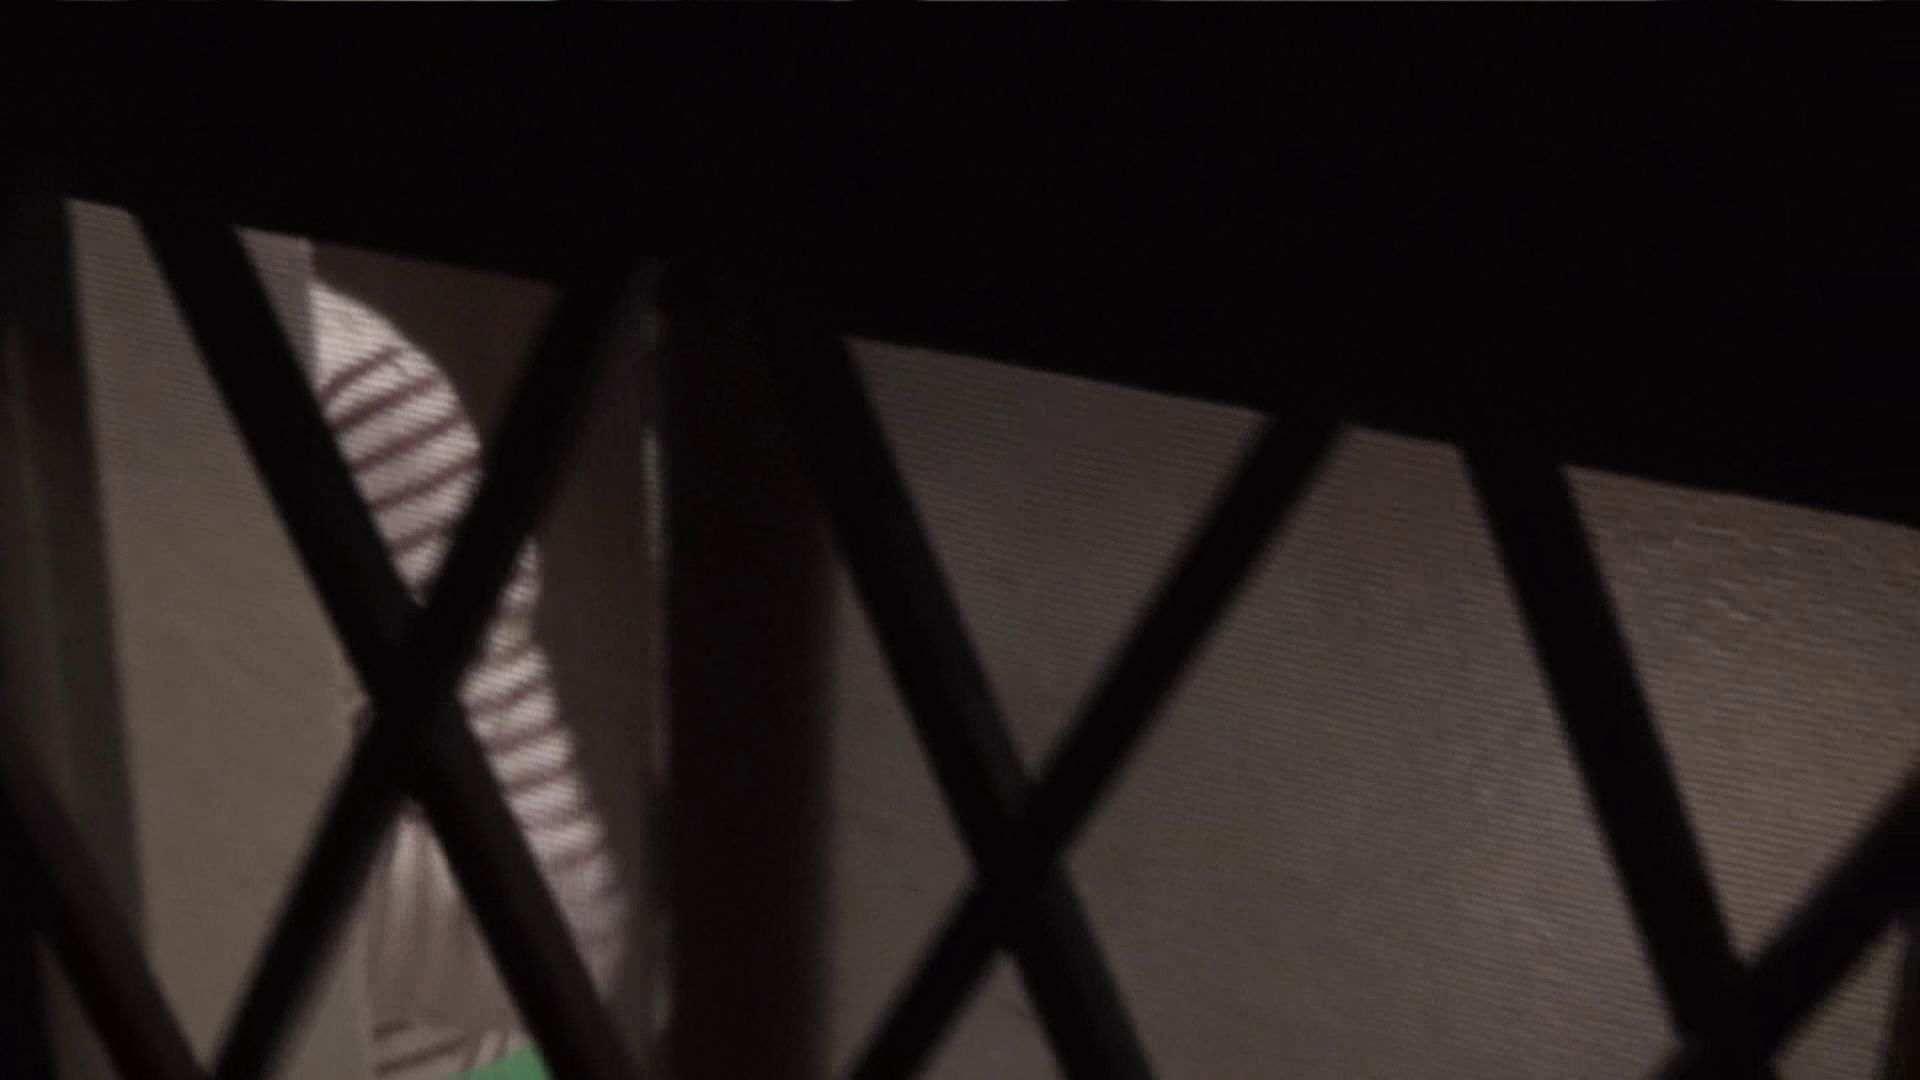 民家の騎士さんの最後の性戦ハイビジョン!!No.57 民家 | 洗面所突入  101pic 33